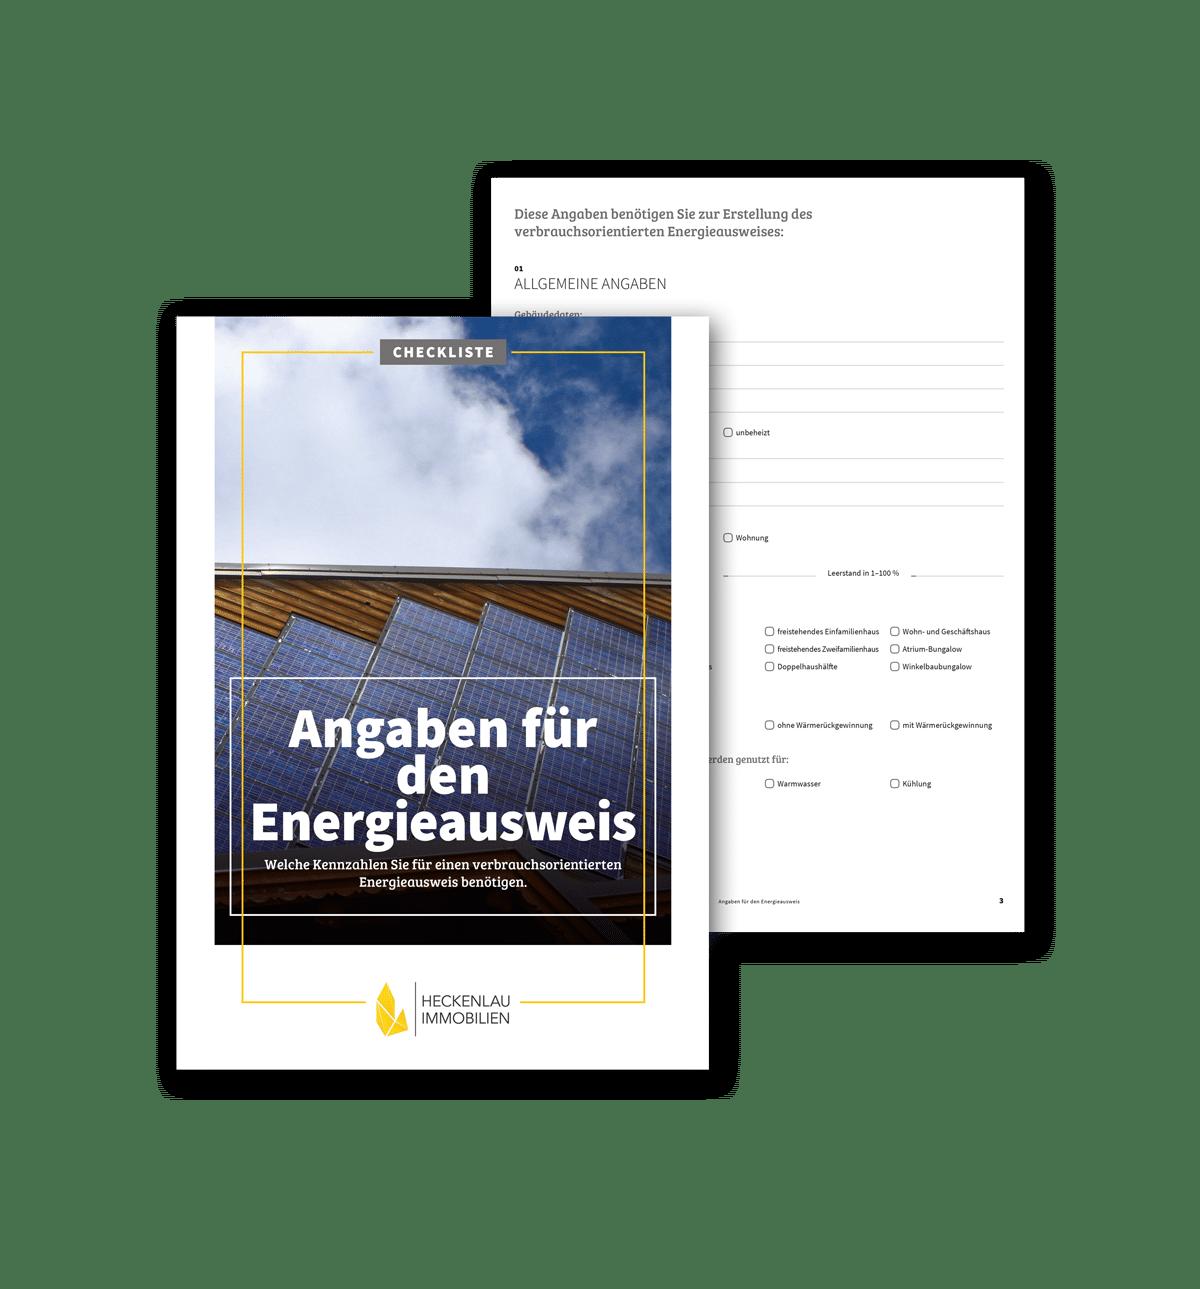 Checkliste Energieausweis - Checkliste von Heckenlau Immobilien - Makler für den Verkauf von Wohnimmobilien in Stuttgart